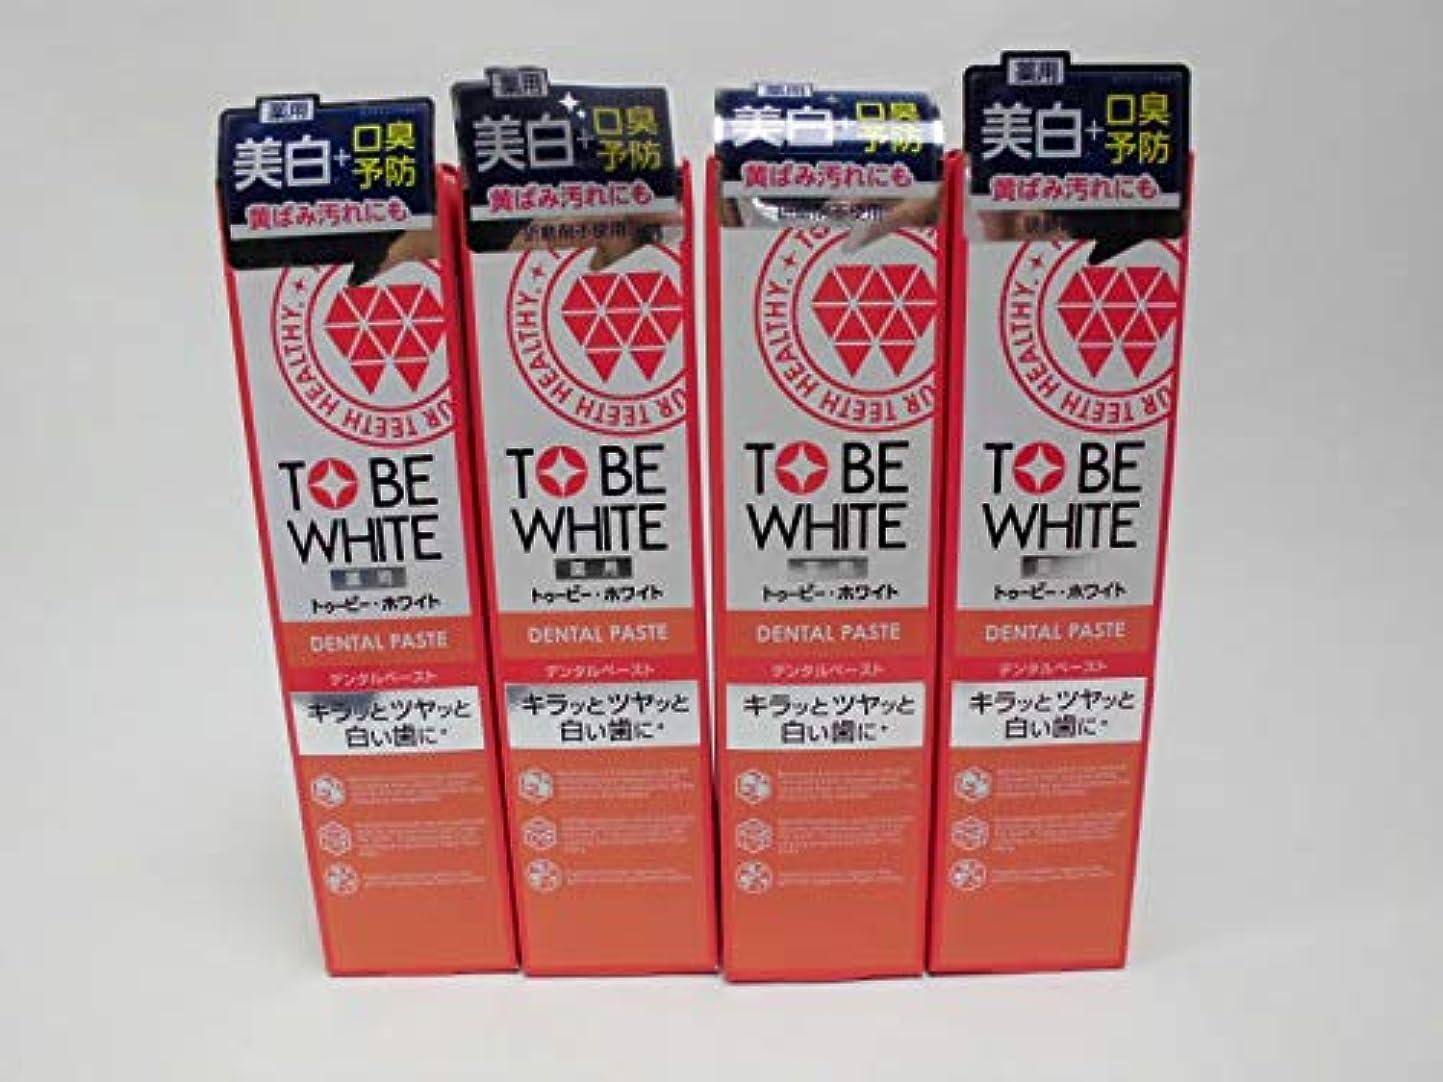 毎週浅いトイレ【4個セット】「歯周病予防+ホワイトニング」 トゥービー?ホワイト 薬用デンタルペースト (100g)×4個セット